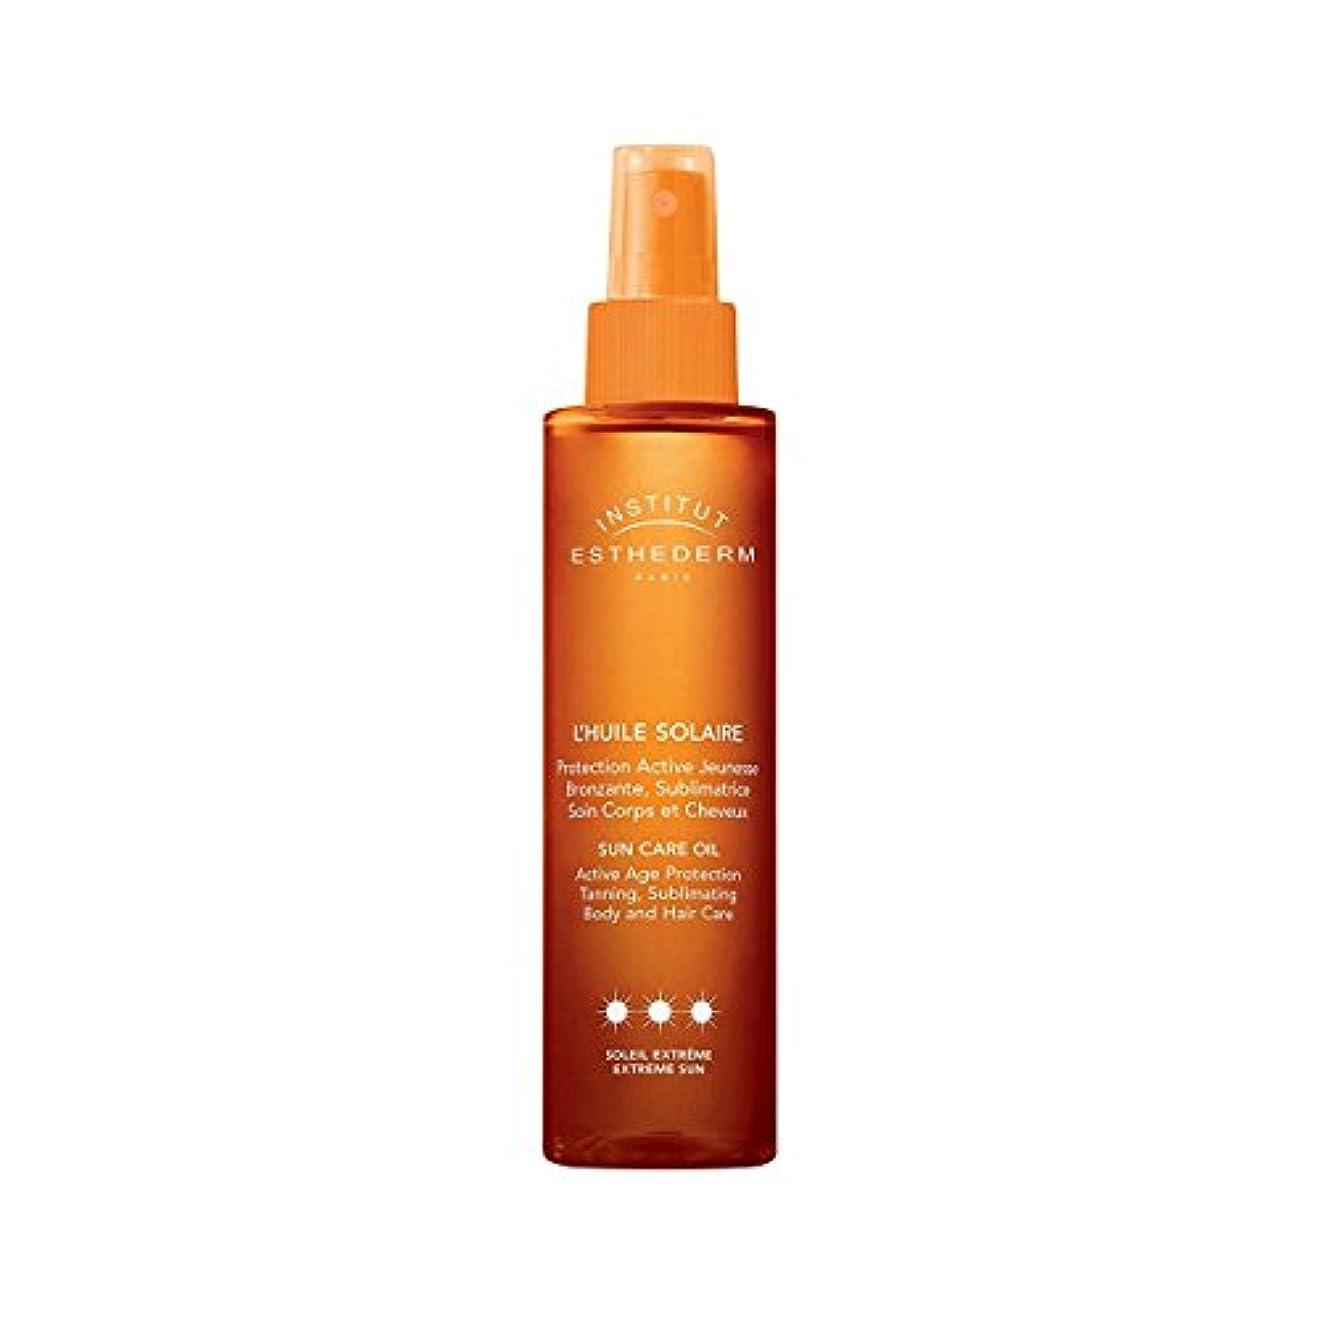 強調する体細胞ご飯Institut Esthederm Protective Sun Care Oil For Body And Hair Strong Sun 150ml [並行輸入品]